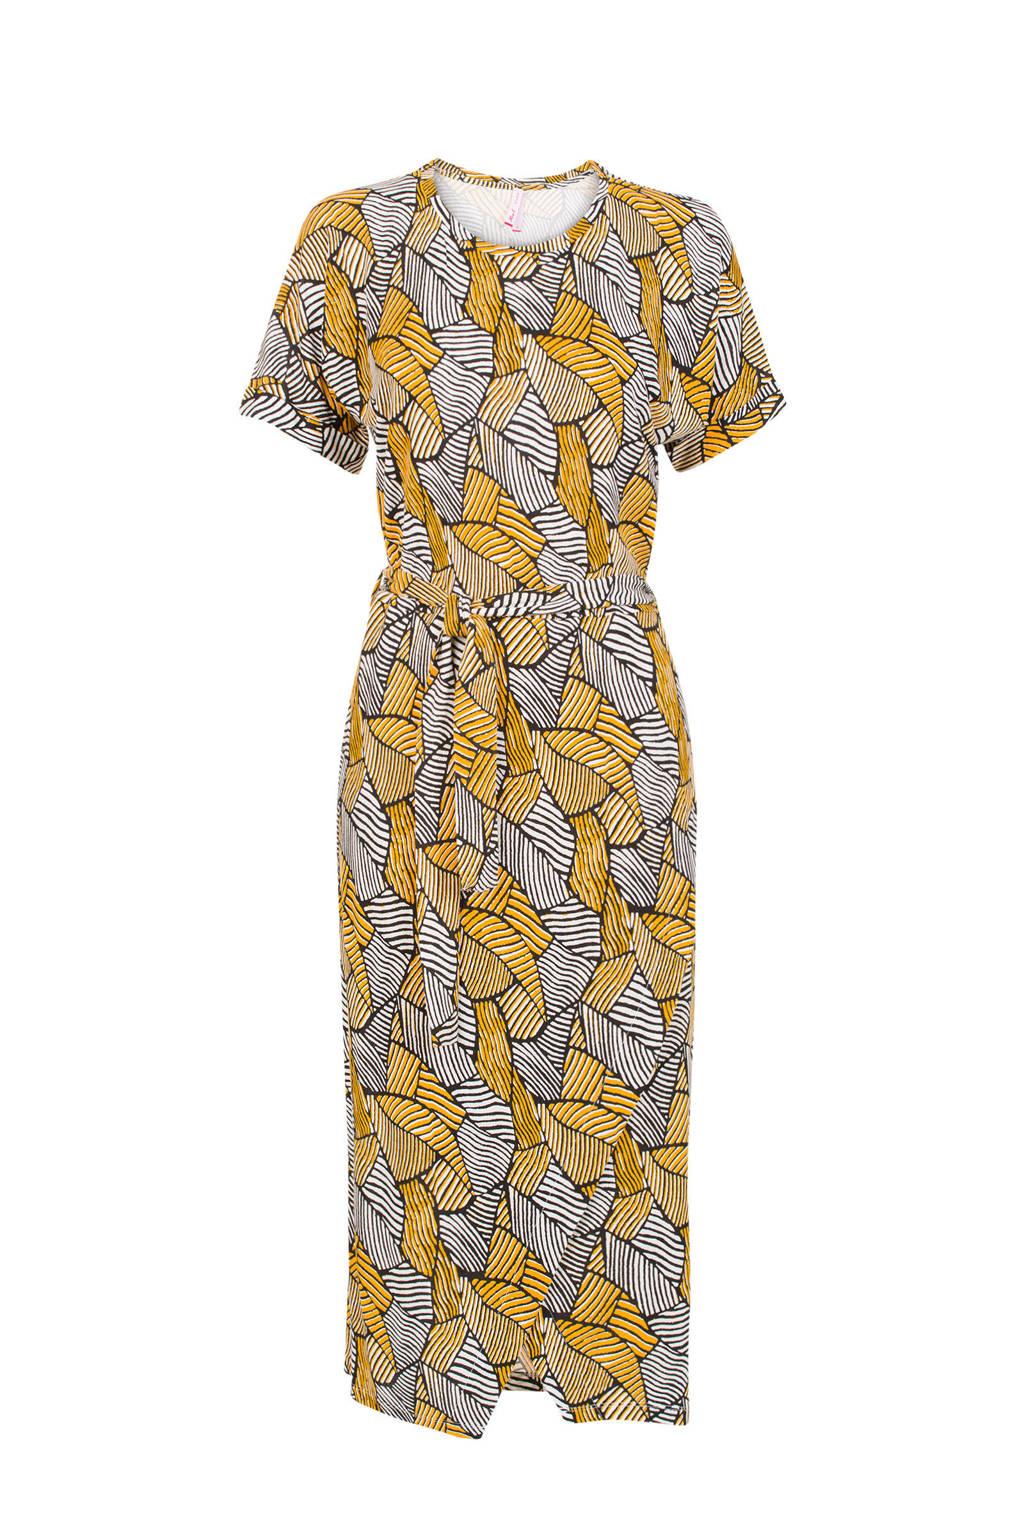 Miss Etam Regulier jurk met all over print geel, Geel